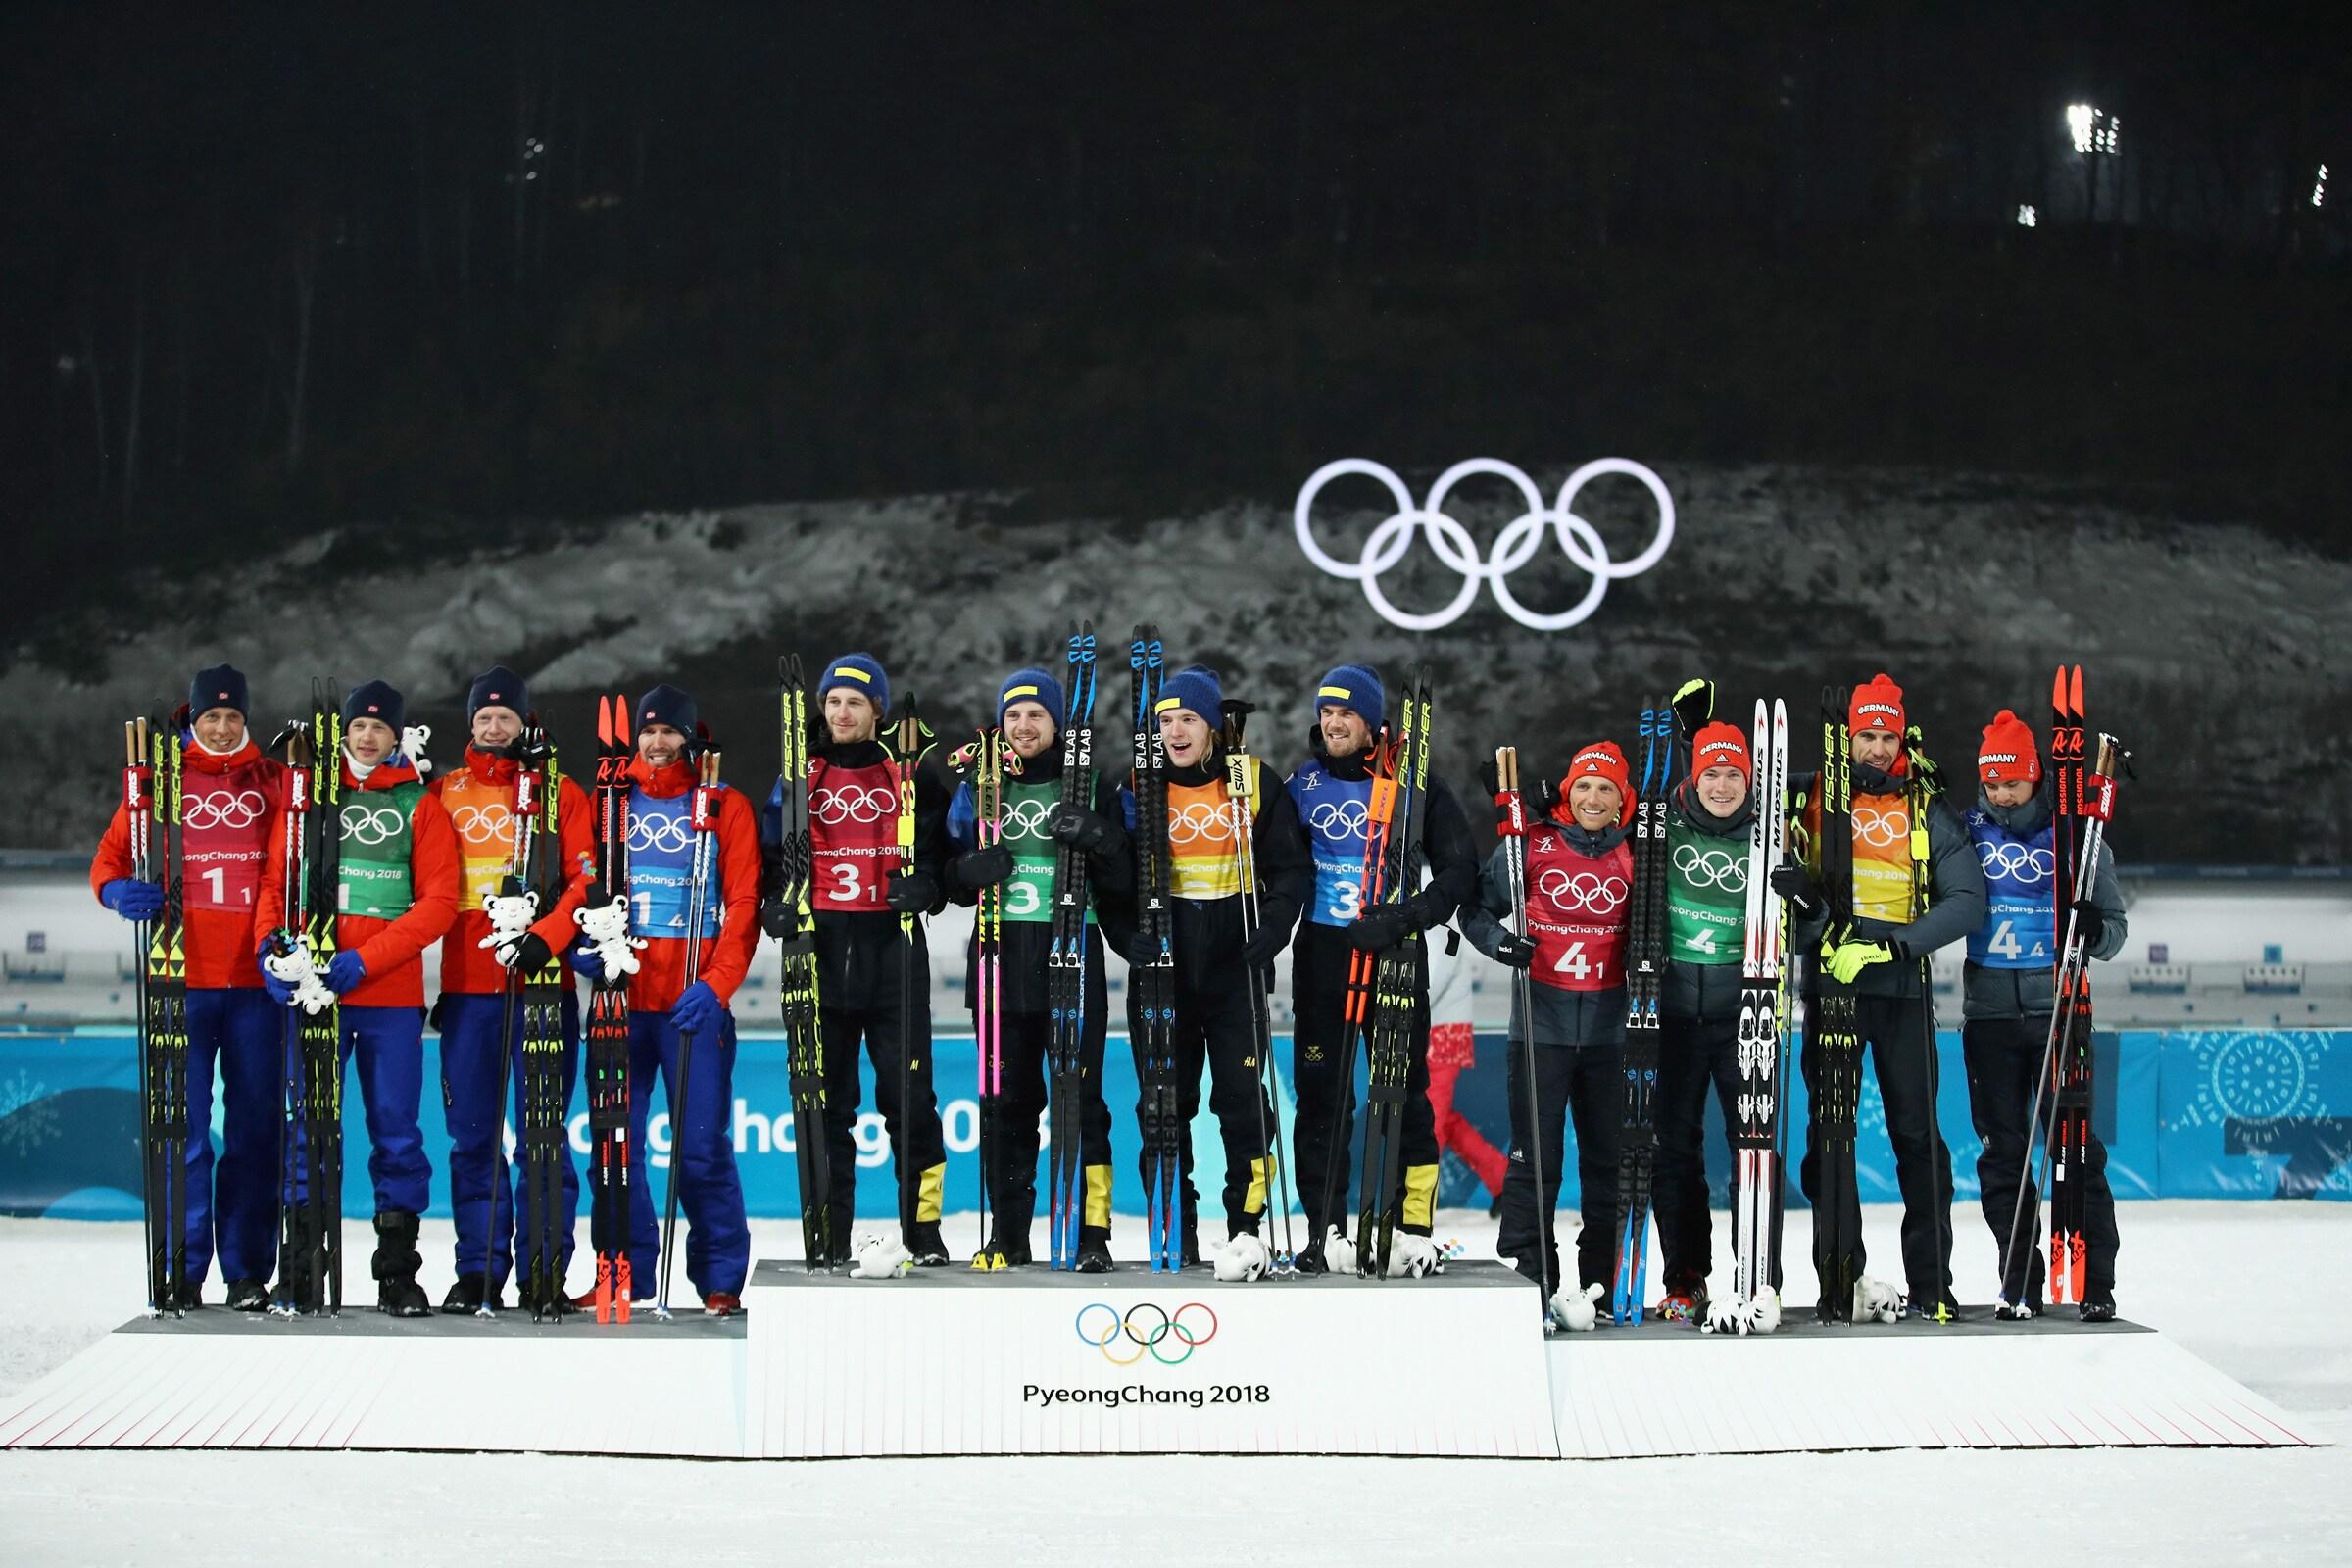 Biathlon - Men's 4x7.5km Relay